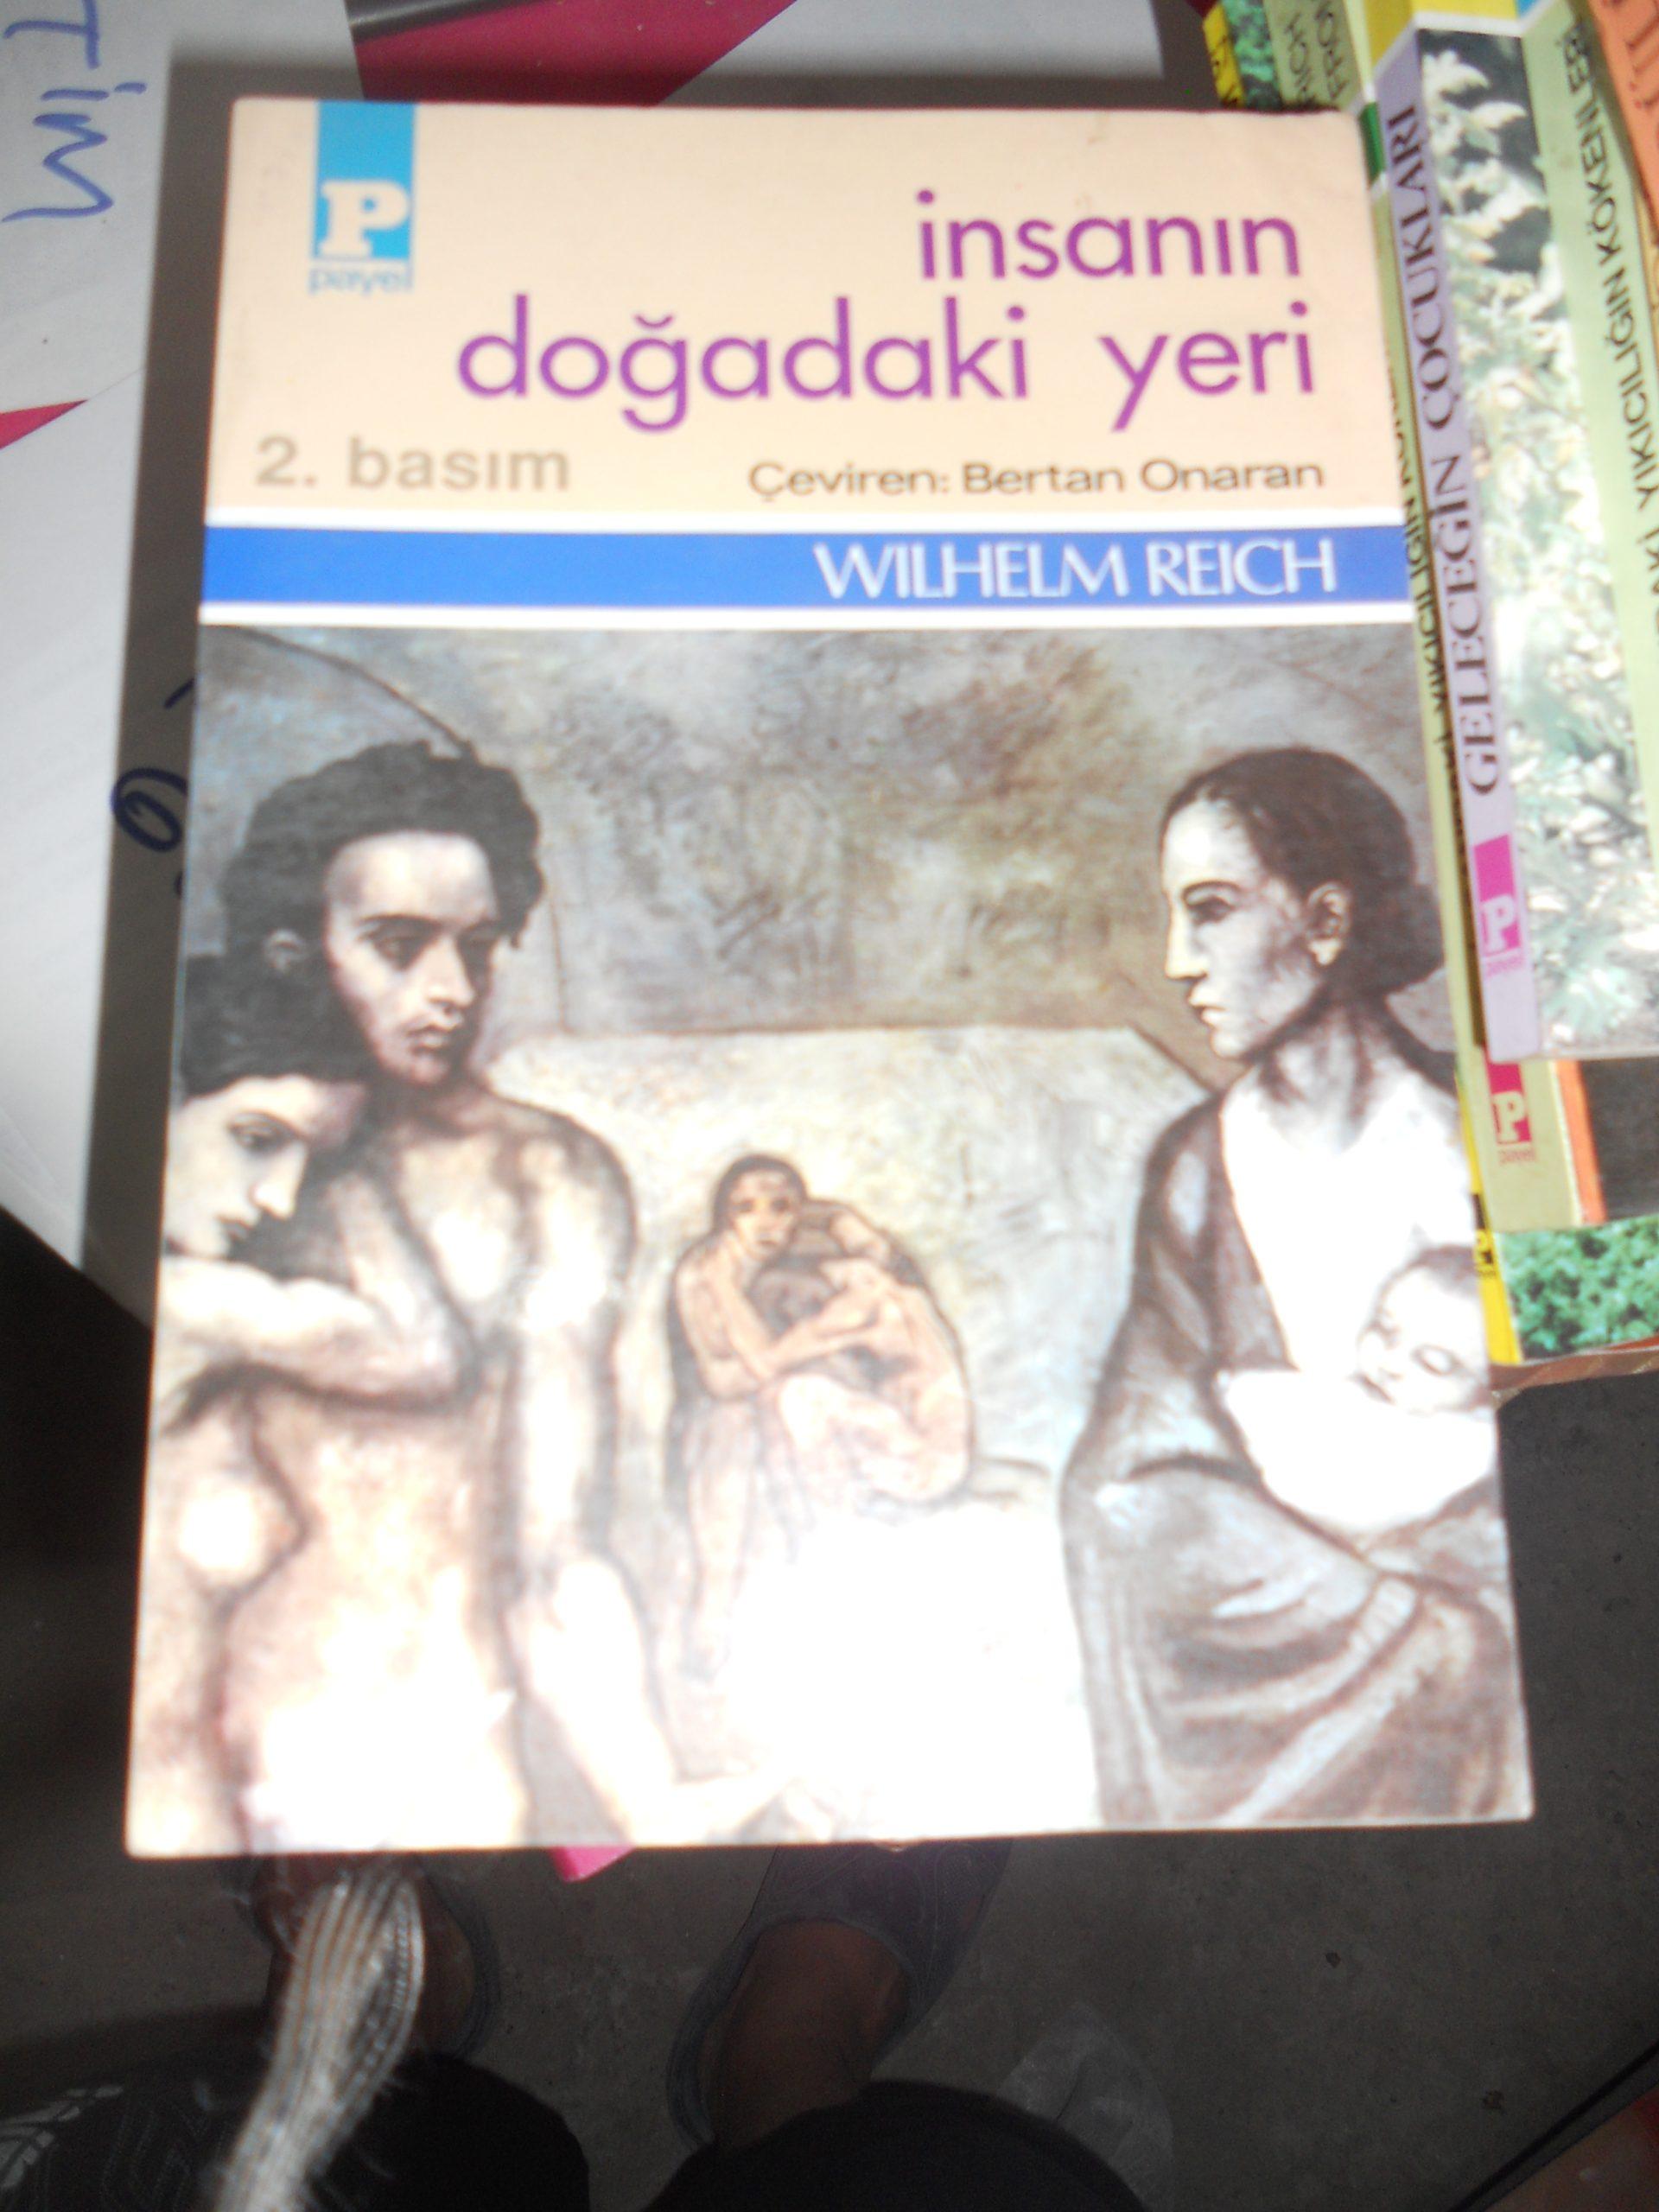 İNSANIN DOĞADAKİ YERİ/WILHELM REICH/15 TL